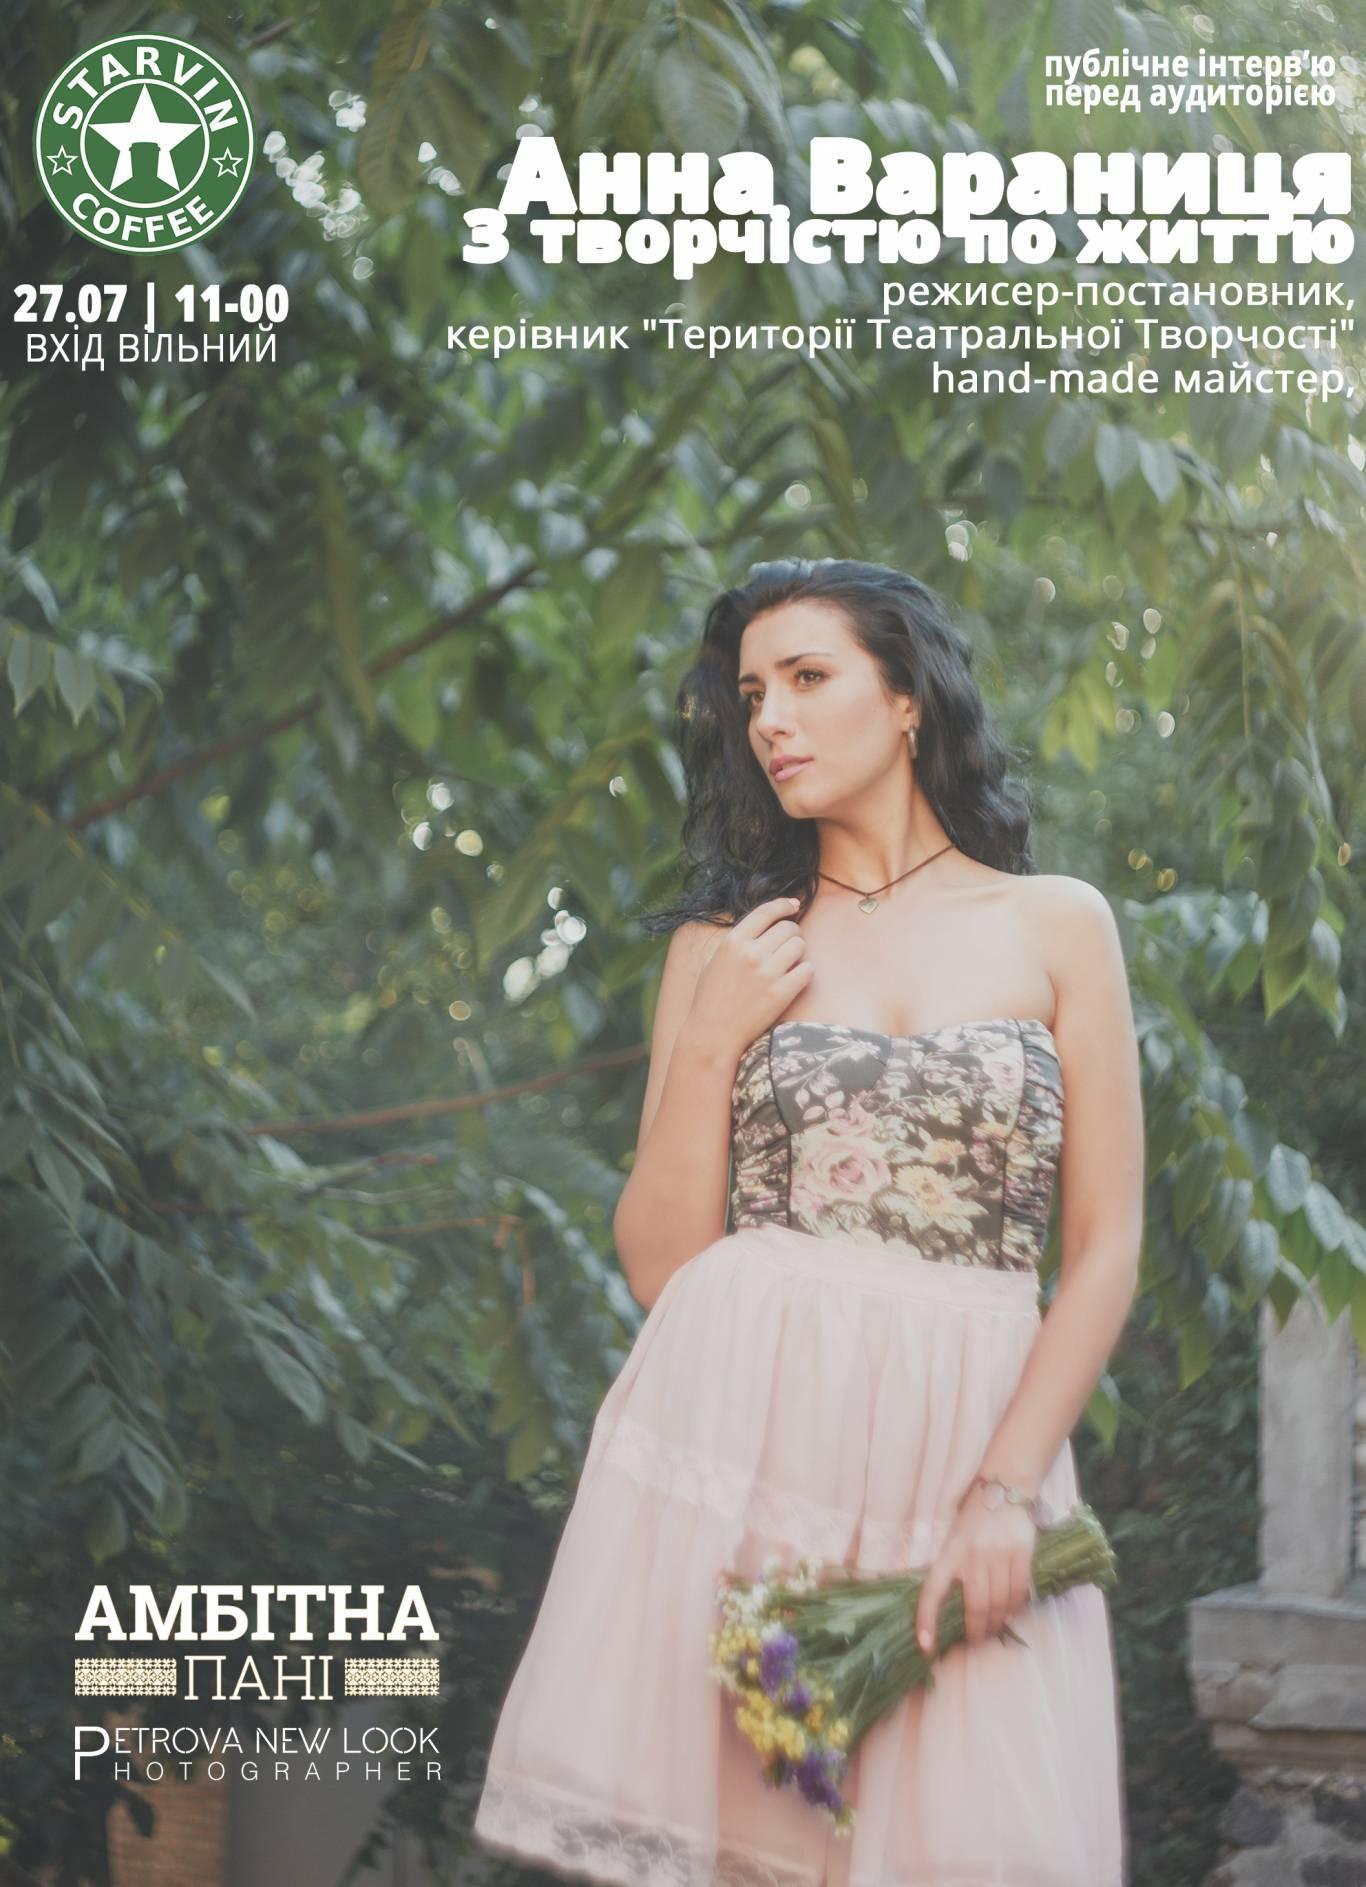 Публічне інтерв'ю:  Анна Вараниця